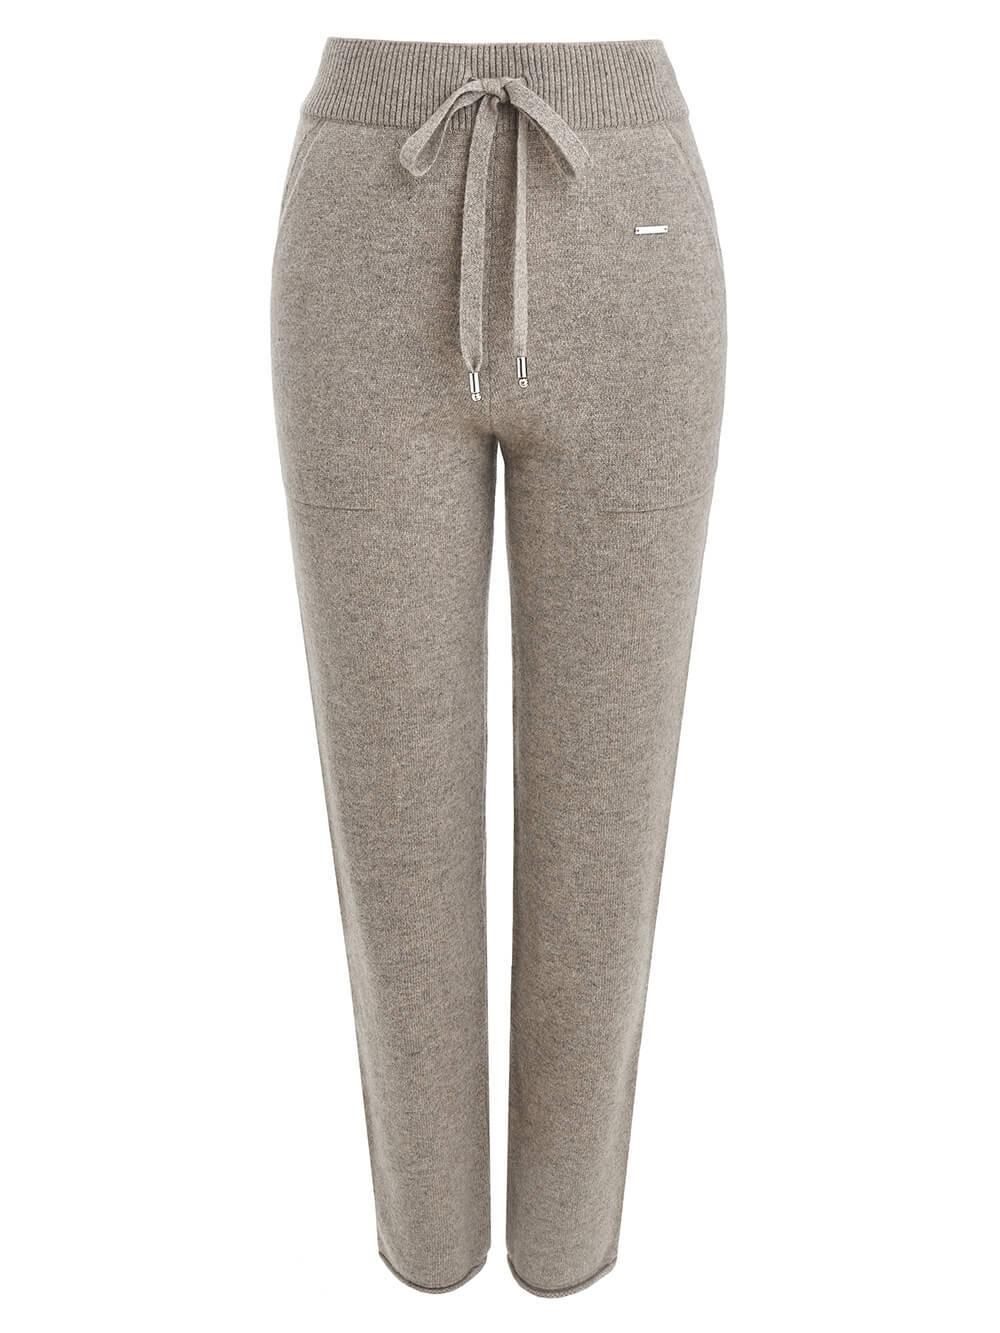 Женские брюки песочного цвета с карманами из 100% кашемира - фото 1